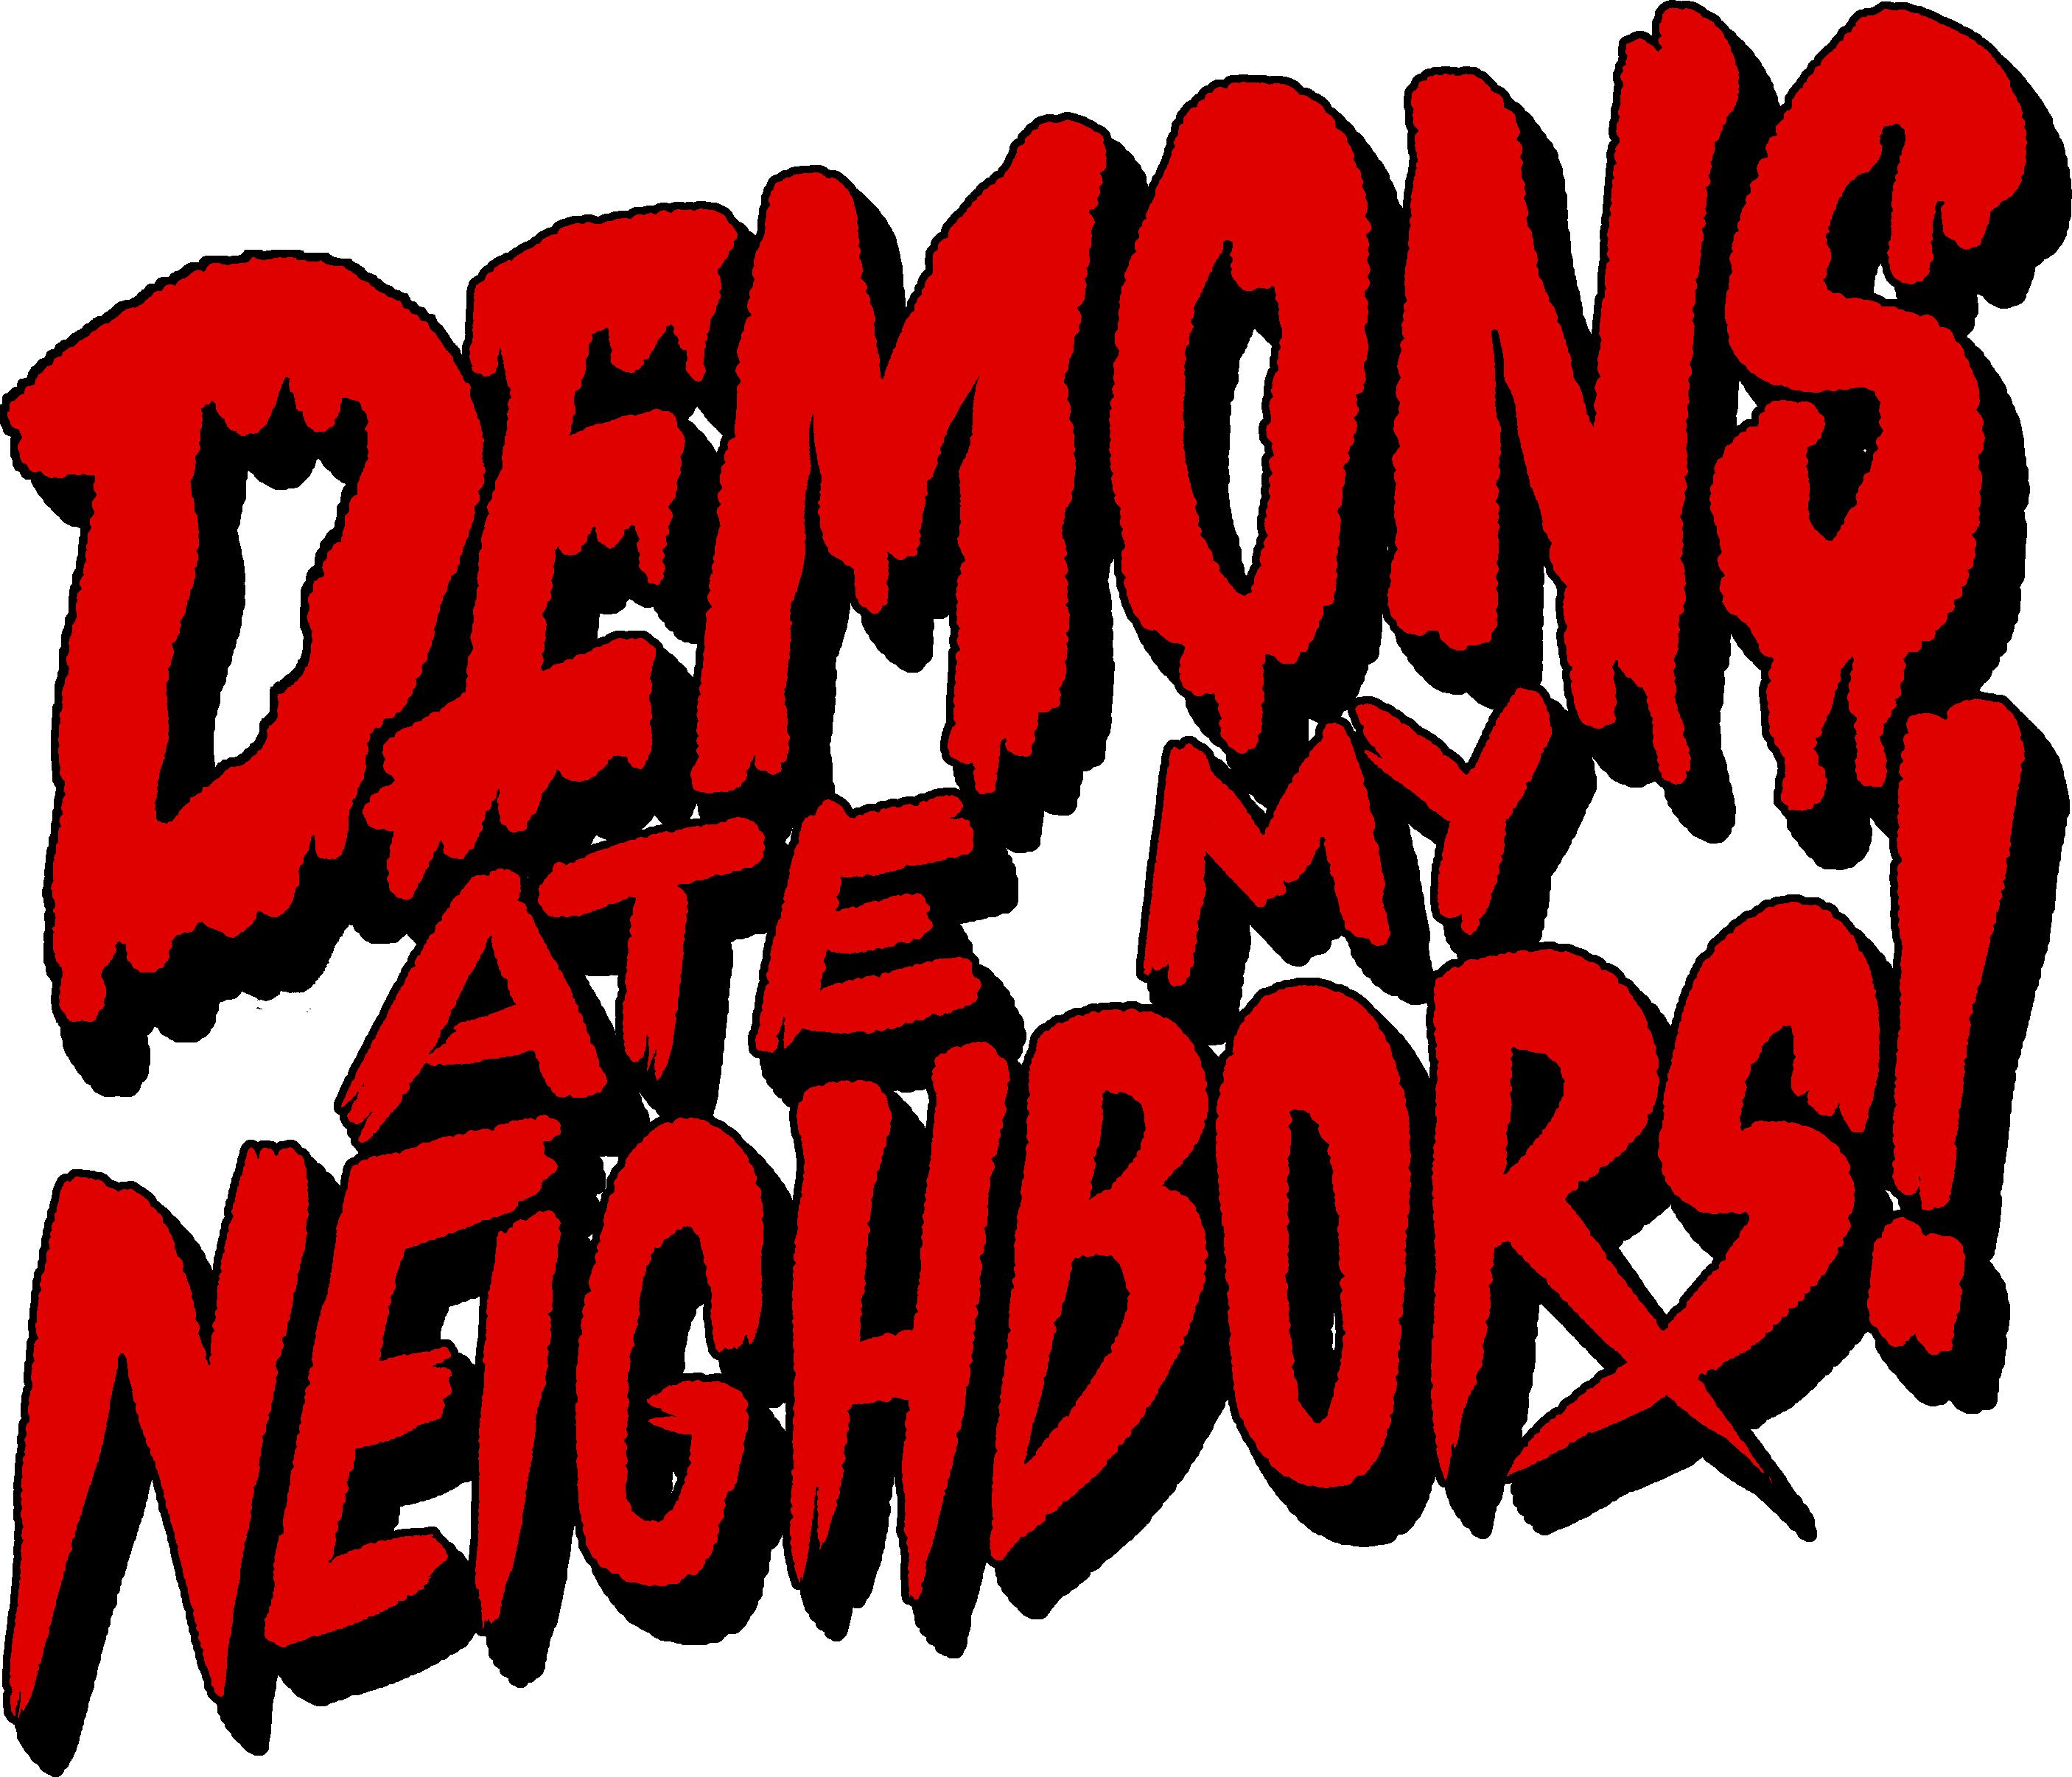 Demons-Ate-My-Neighbors_2020_08-12-20_008